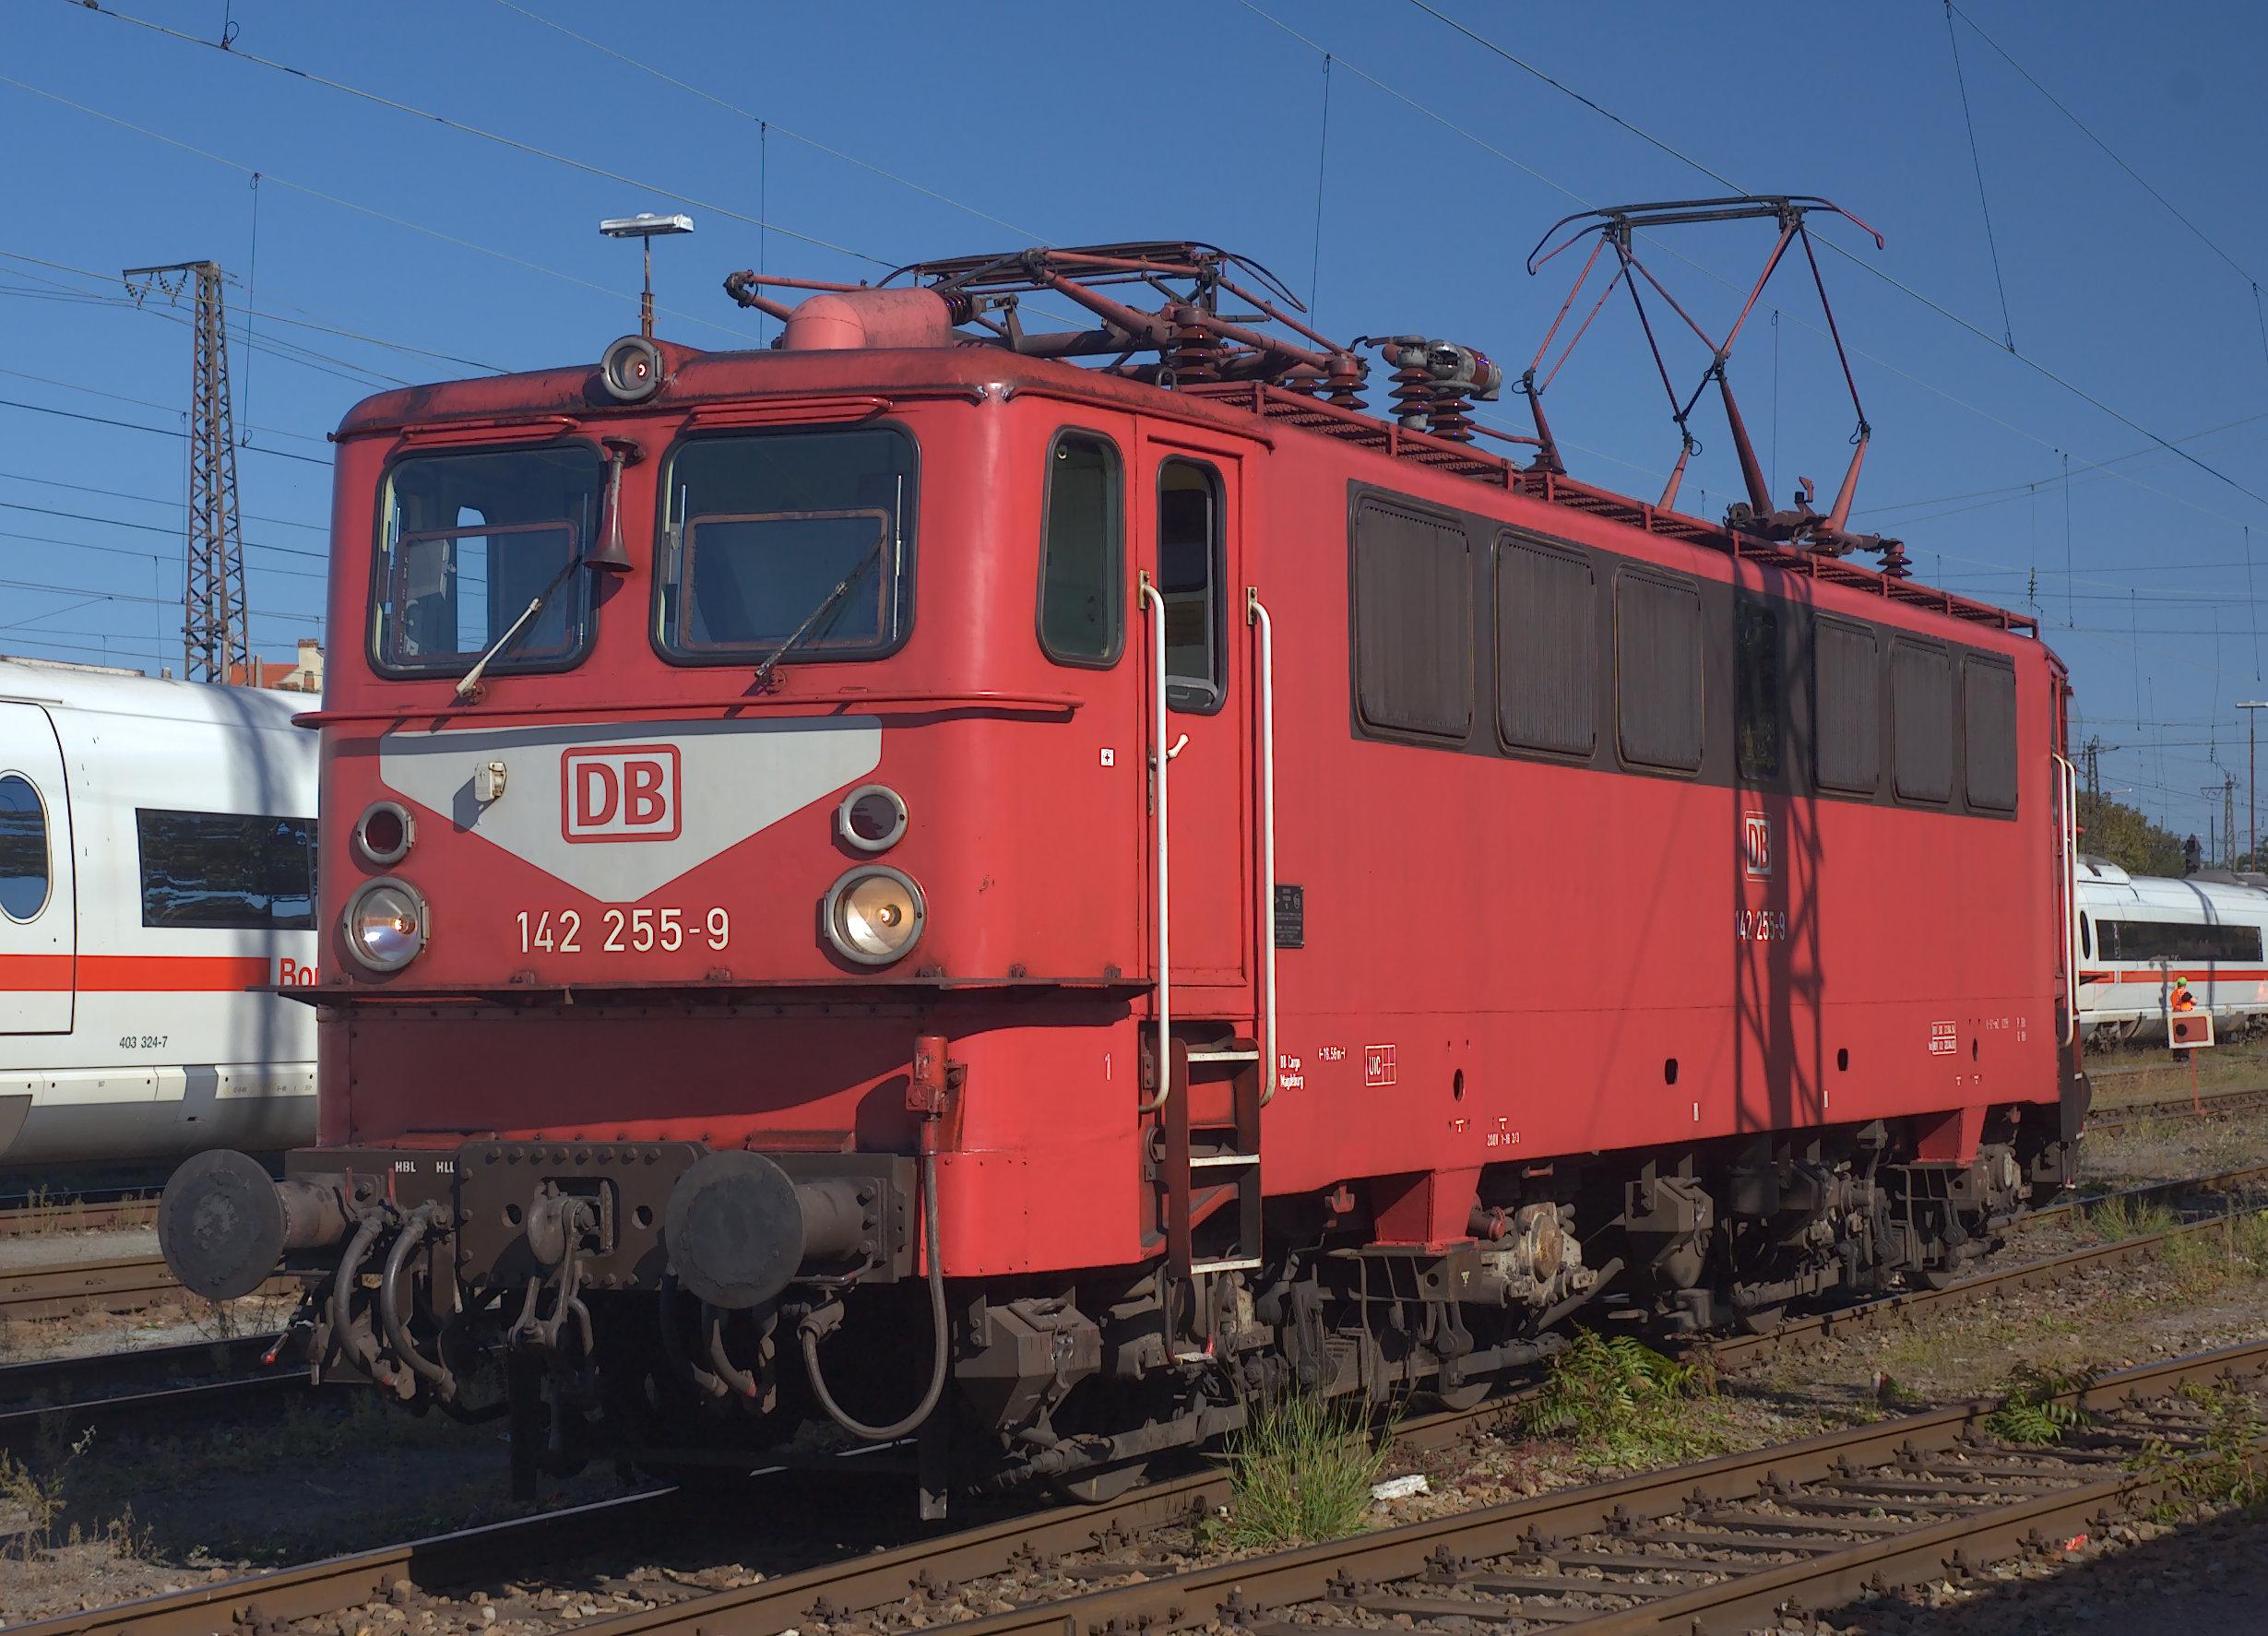 DB-Baureihe 142